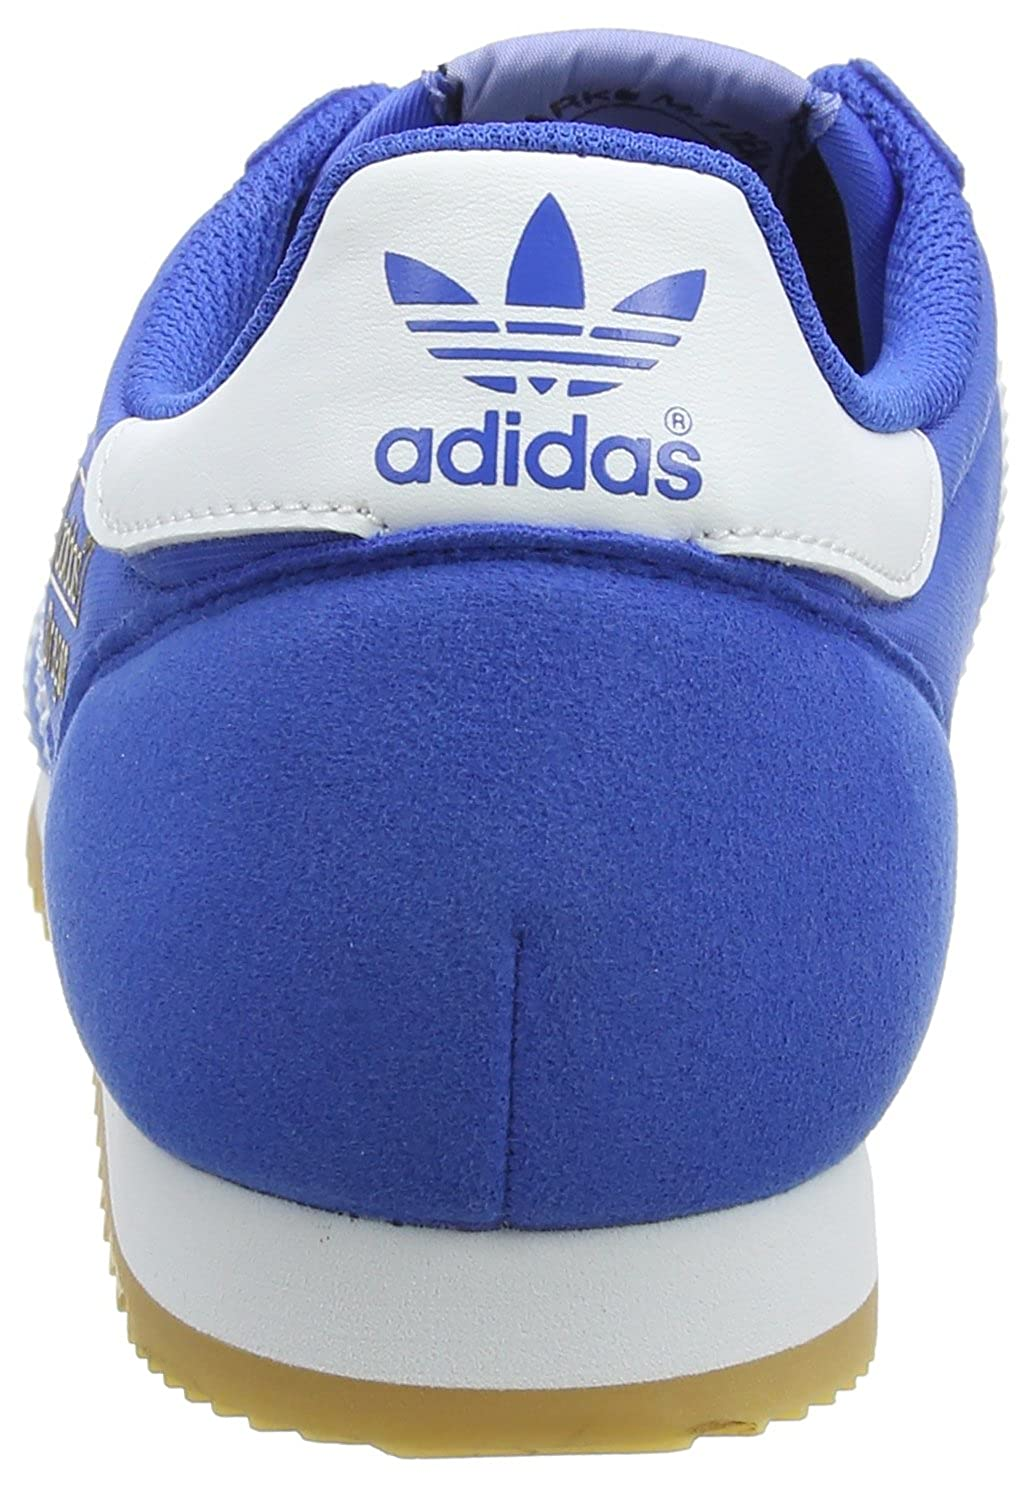 Adidas Dragon Og 43 13 Bleu pas cher Achat Vente